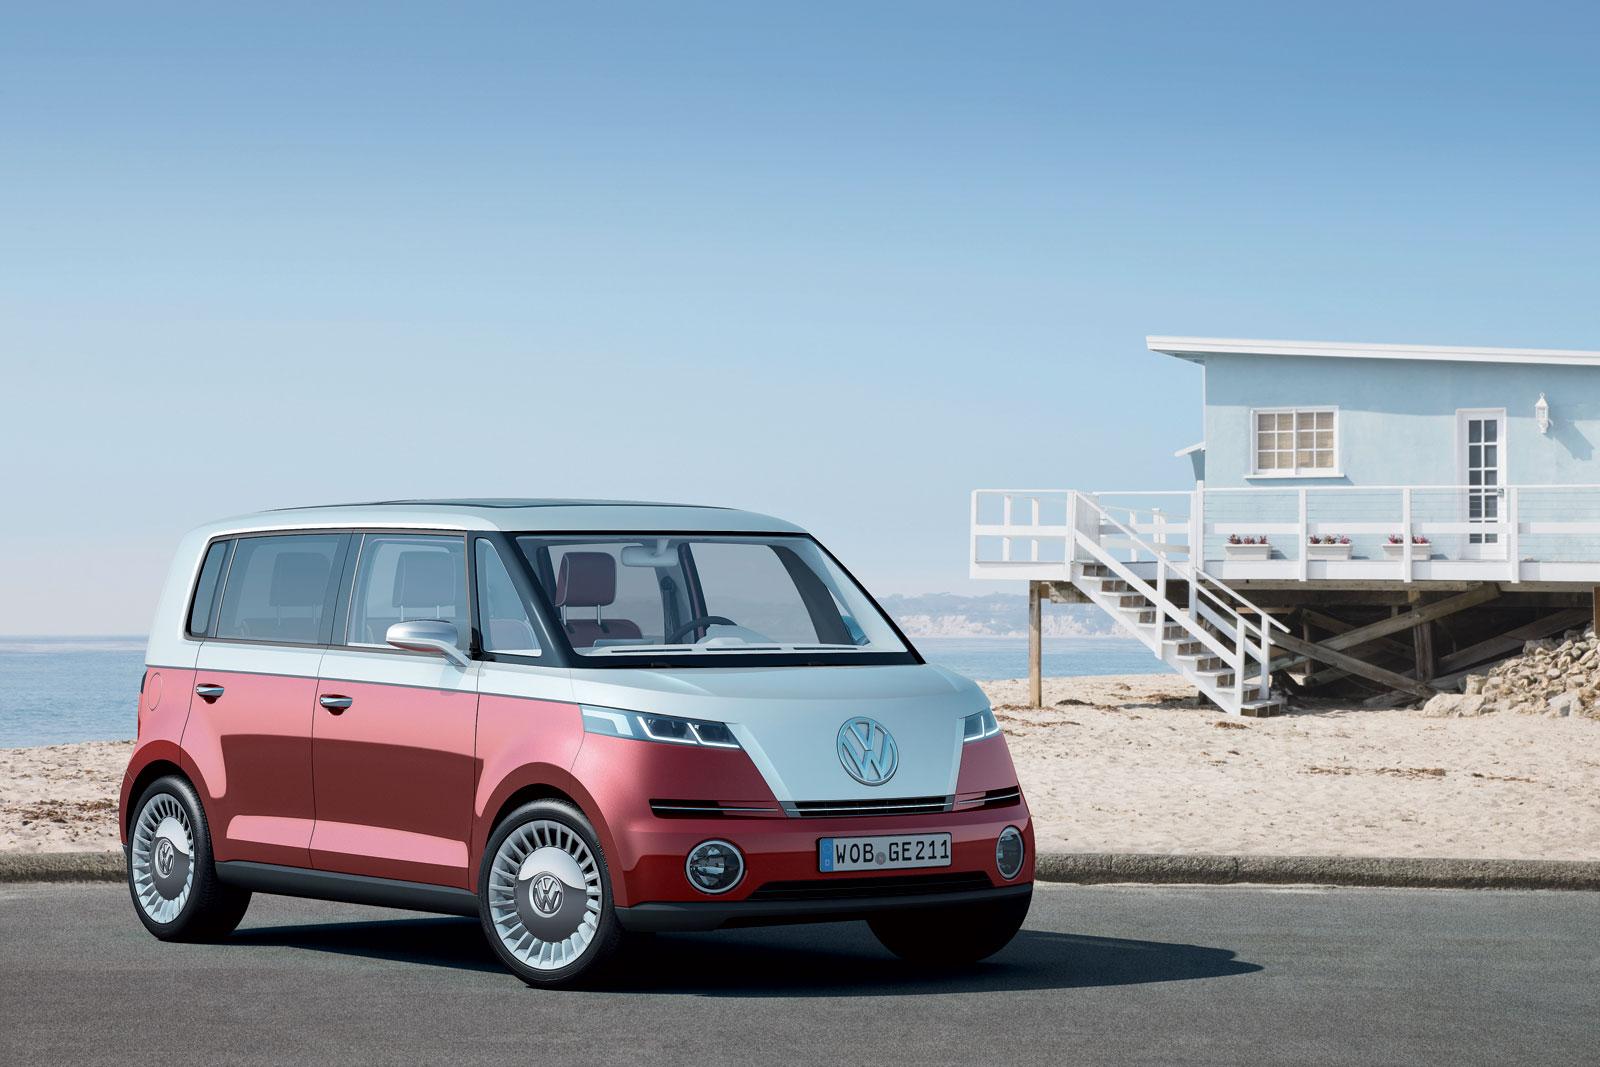 http://4.bp.blogspot.com/-3QxCeUMWzNU/T-N6AEUHq6I/AAAAAAAAD18/uzUD9HGGZl0/s1600/Volkswagen+Bulli+Concept+Hd+Wallpapers+2011_1.jpg